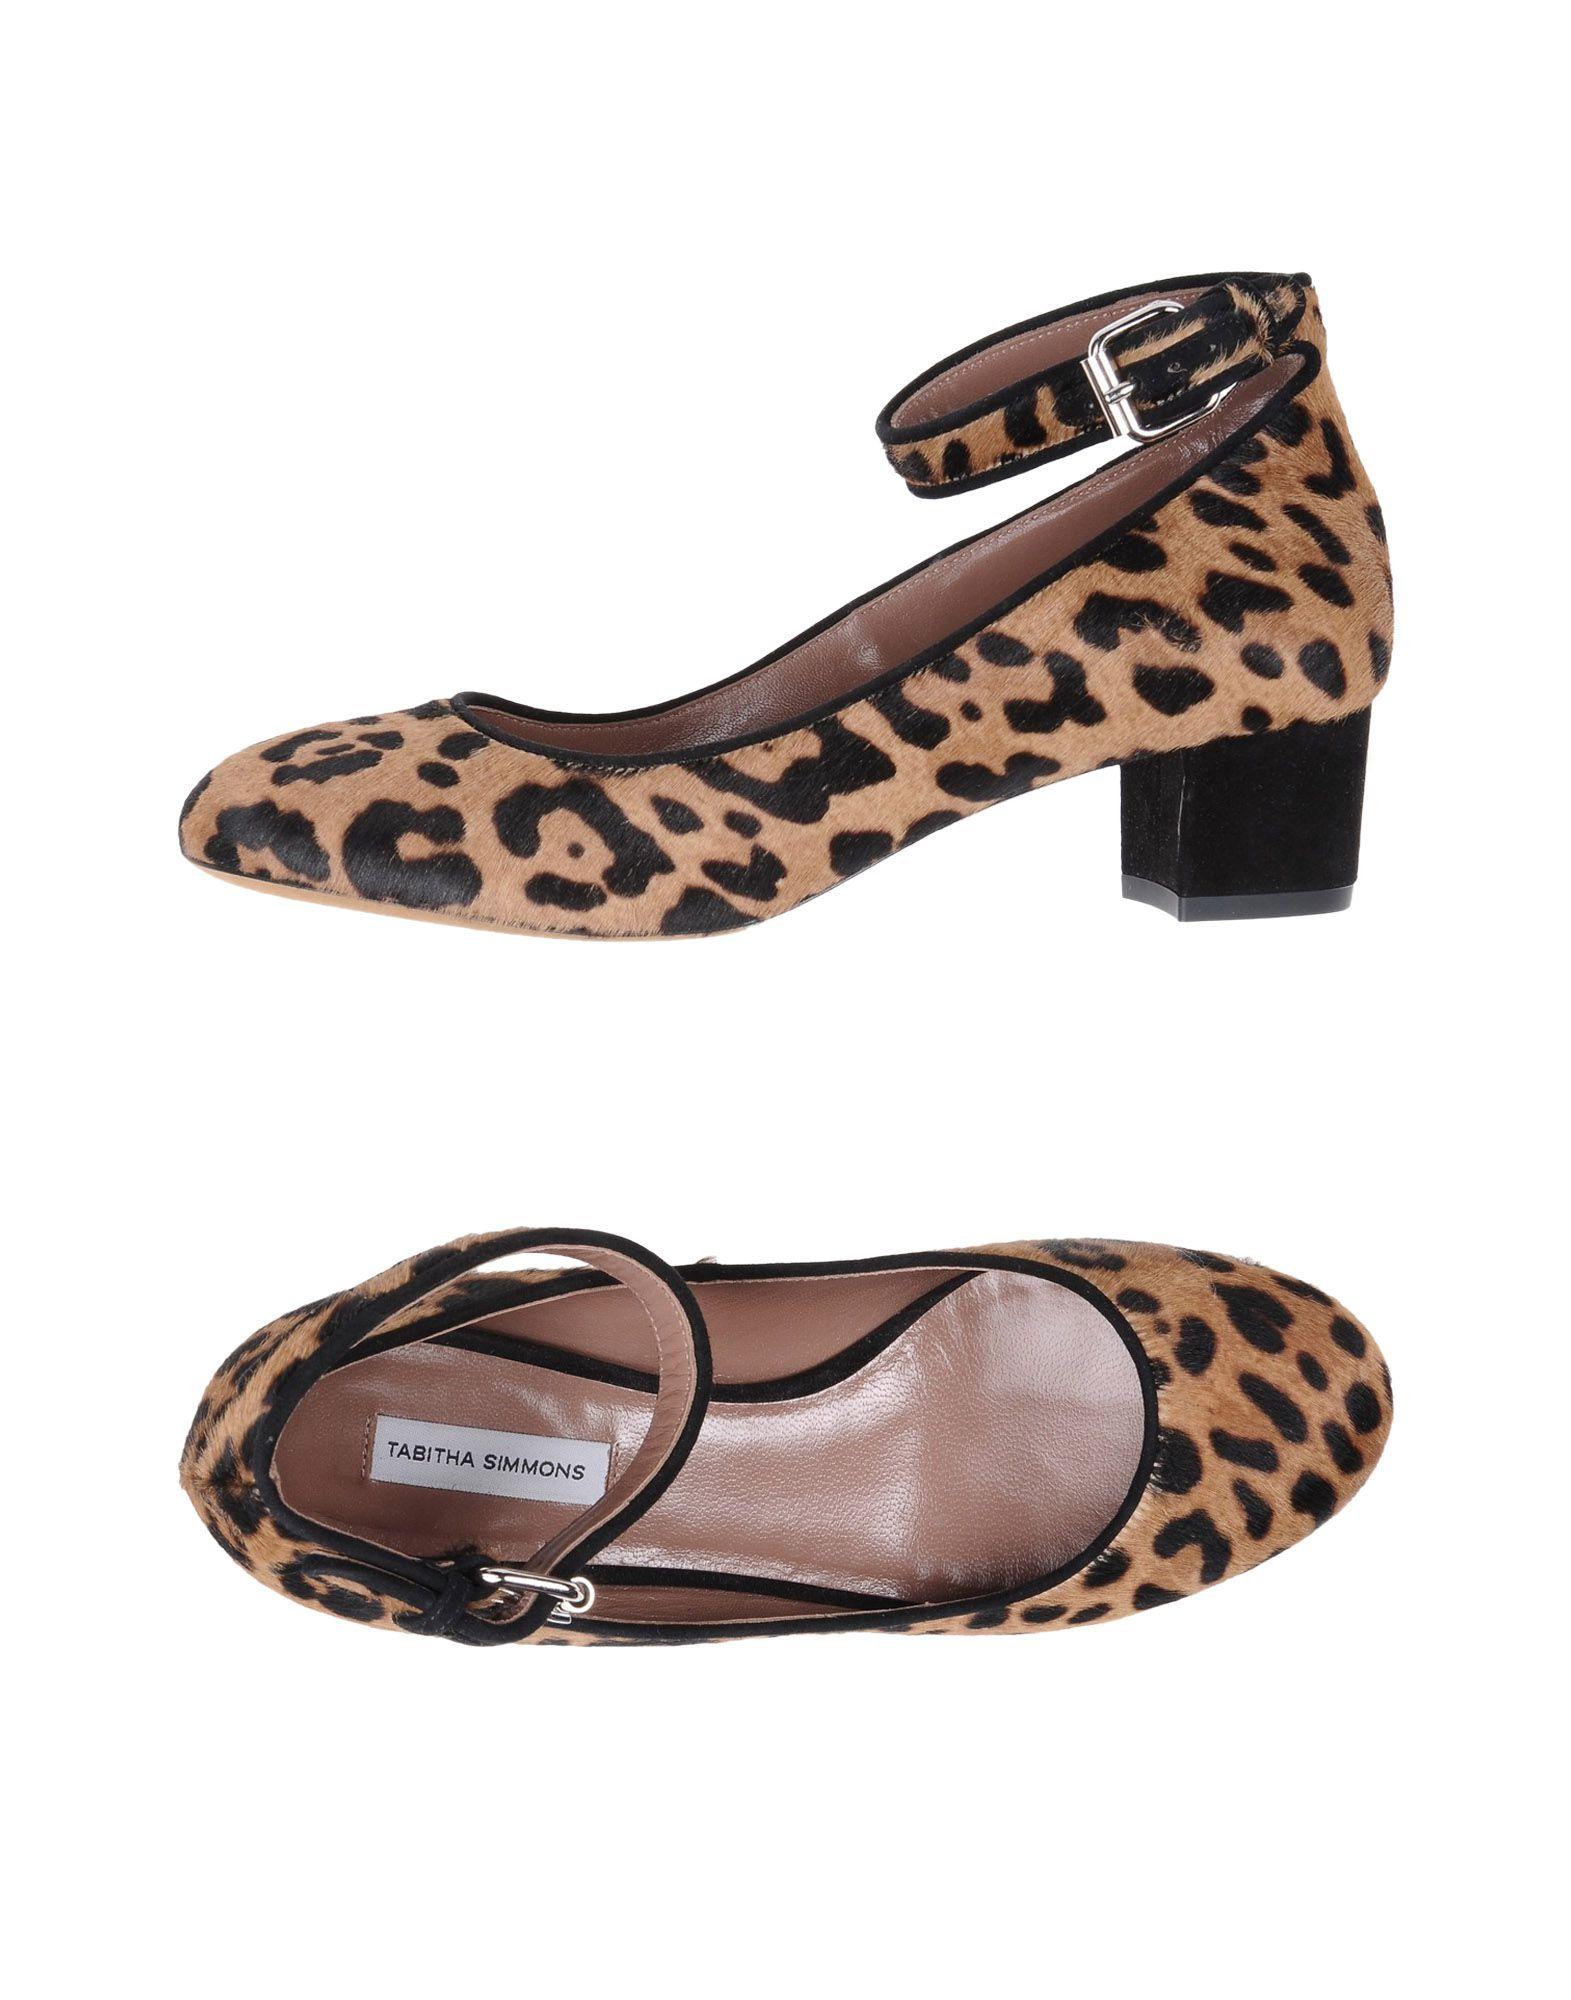 Rabatt Schuhe Tabitha Simmons  Pumps Damen  Simmons 11240198WL 432416